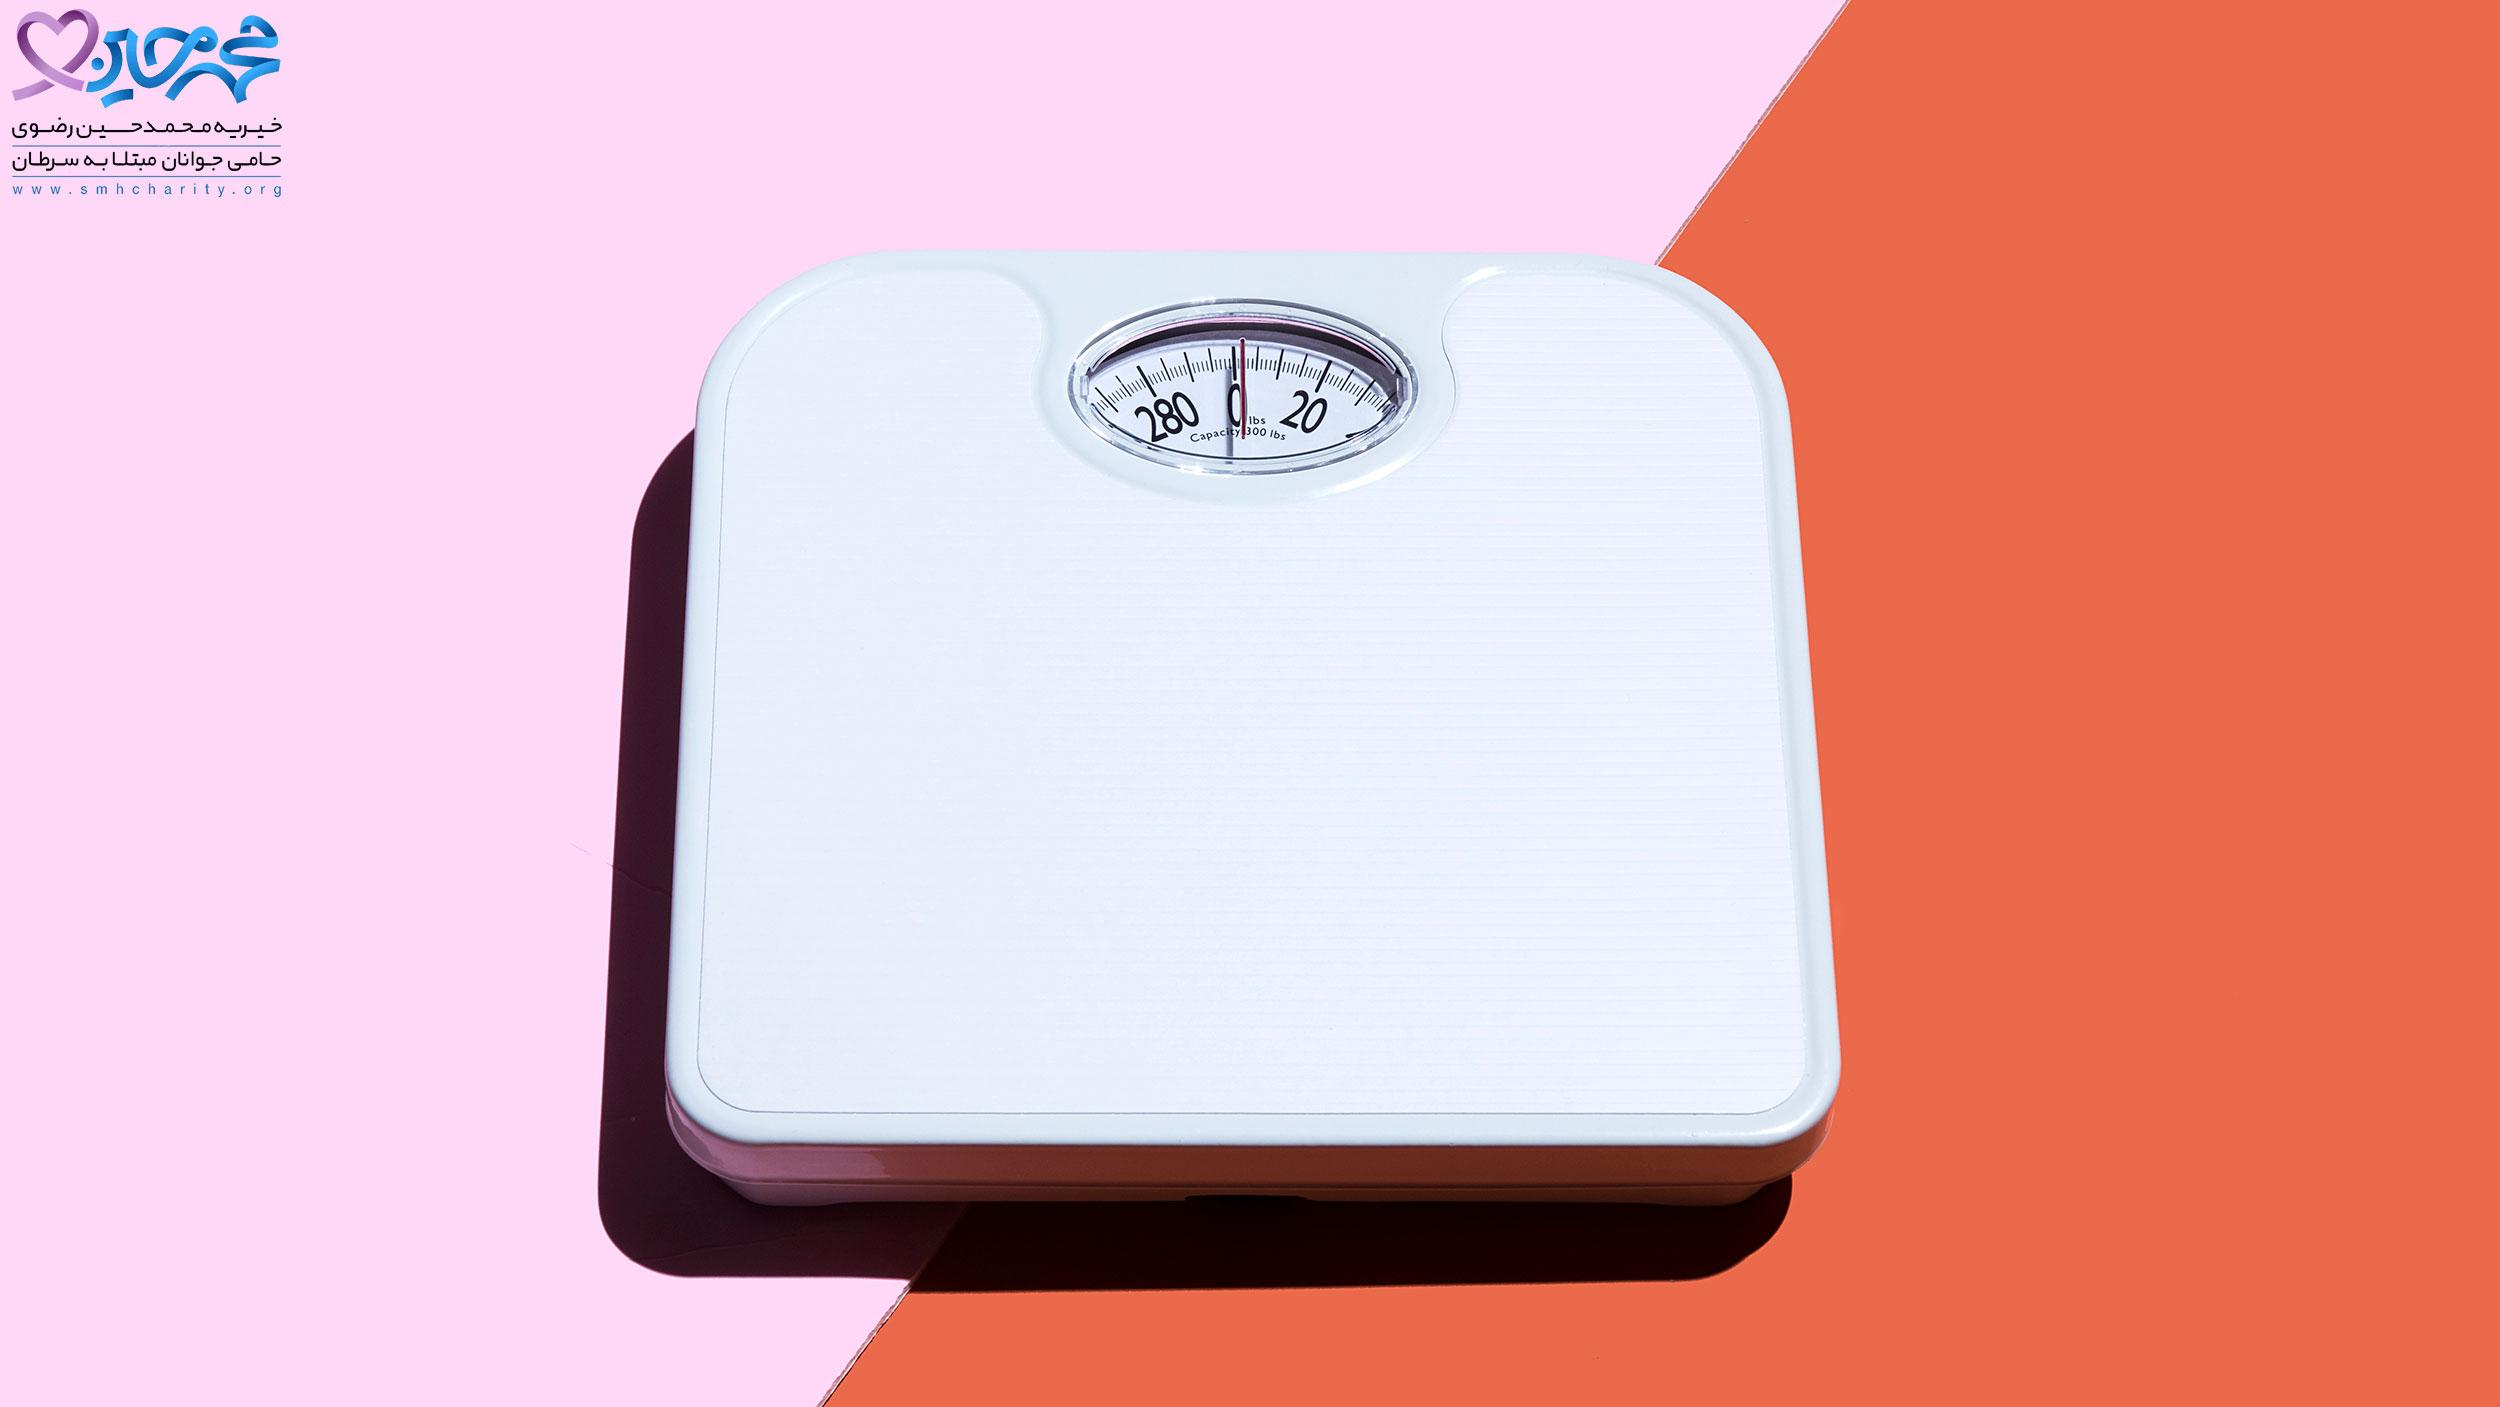 نوجوانان چاق در معرض سرطان روده